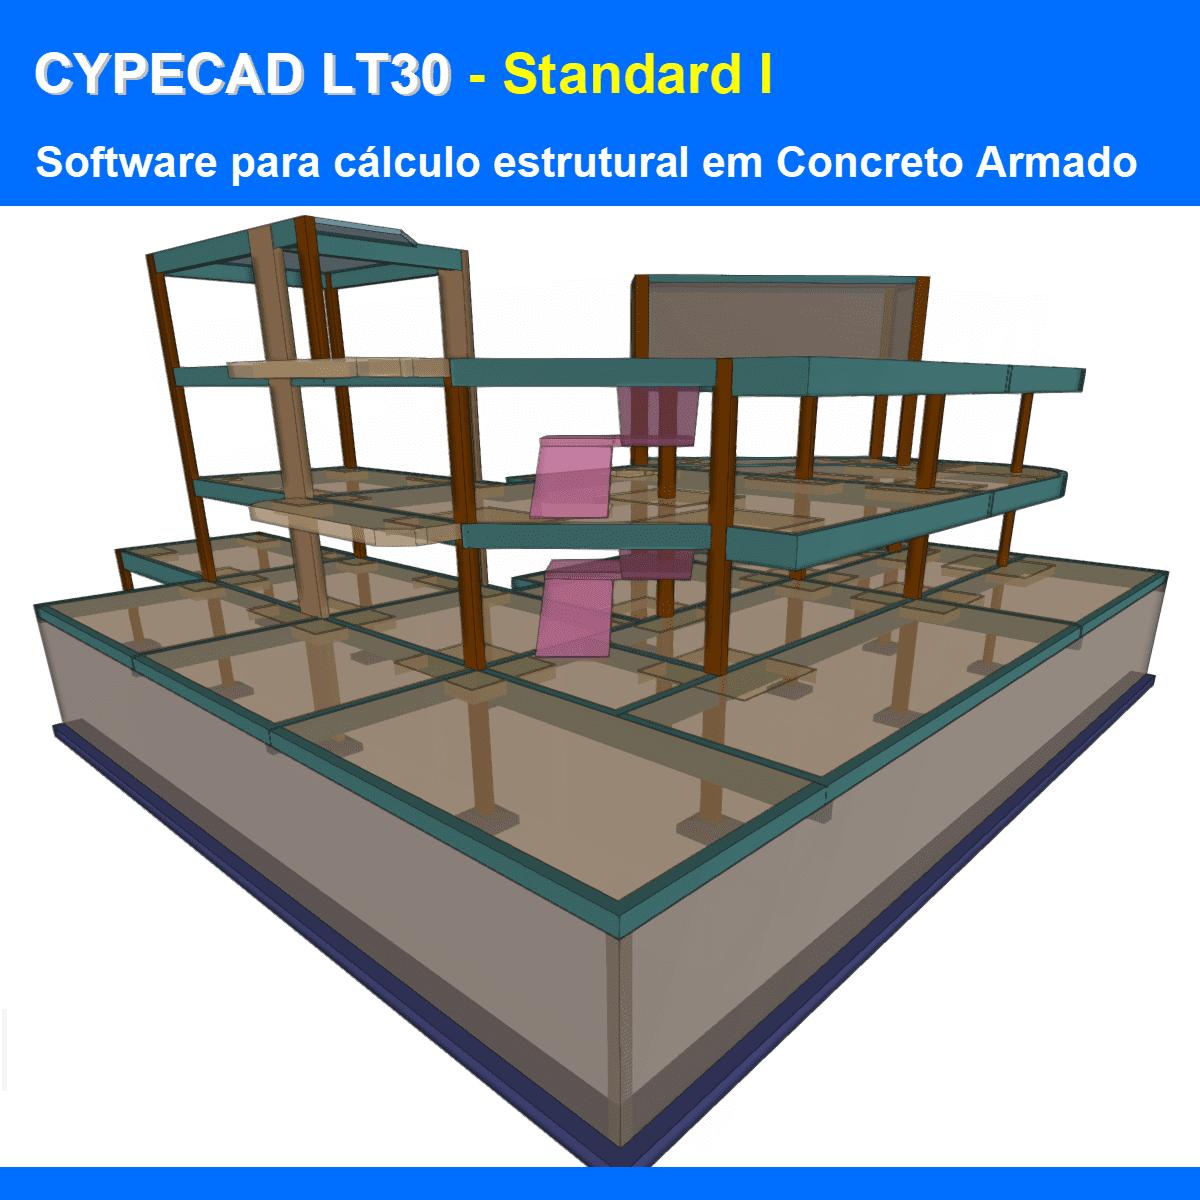 """Software CYPECAD LT30 Standard I versão 2022 (Licença Eletrônica) incluindo a modulação descrita em """"Itens Inclusos"""" a seguir  - MULTIPLUS SOFTWARES"""